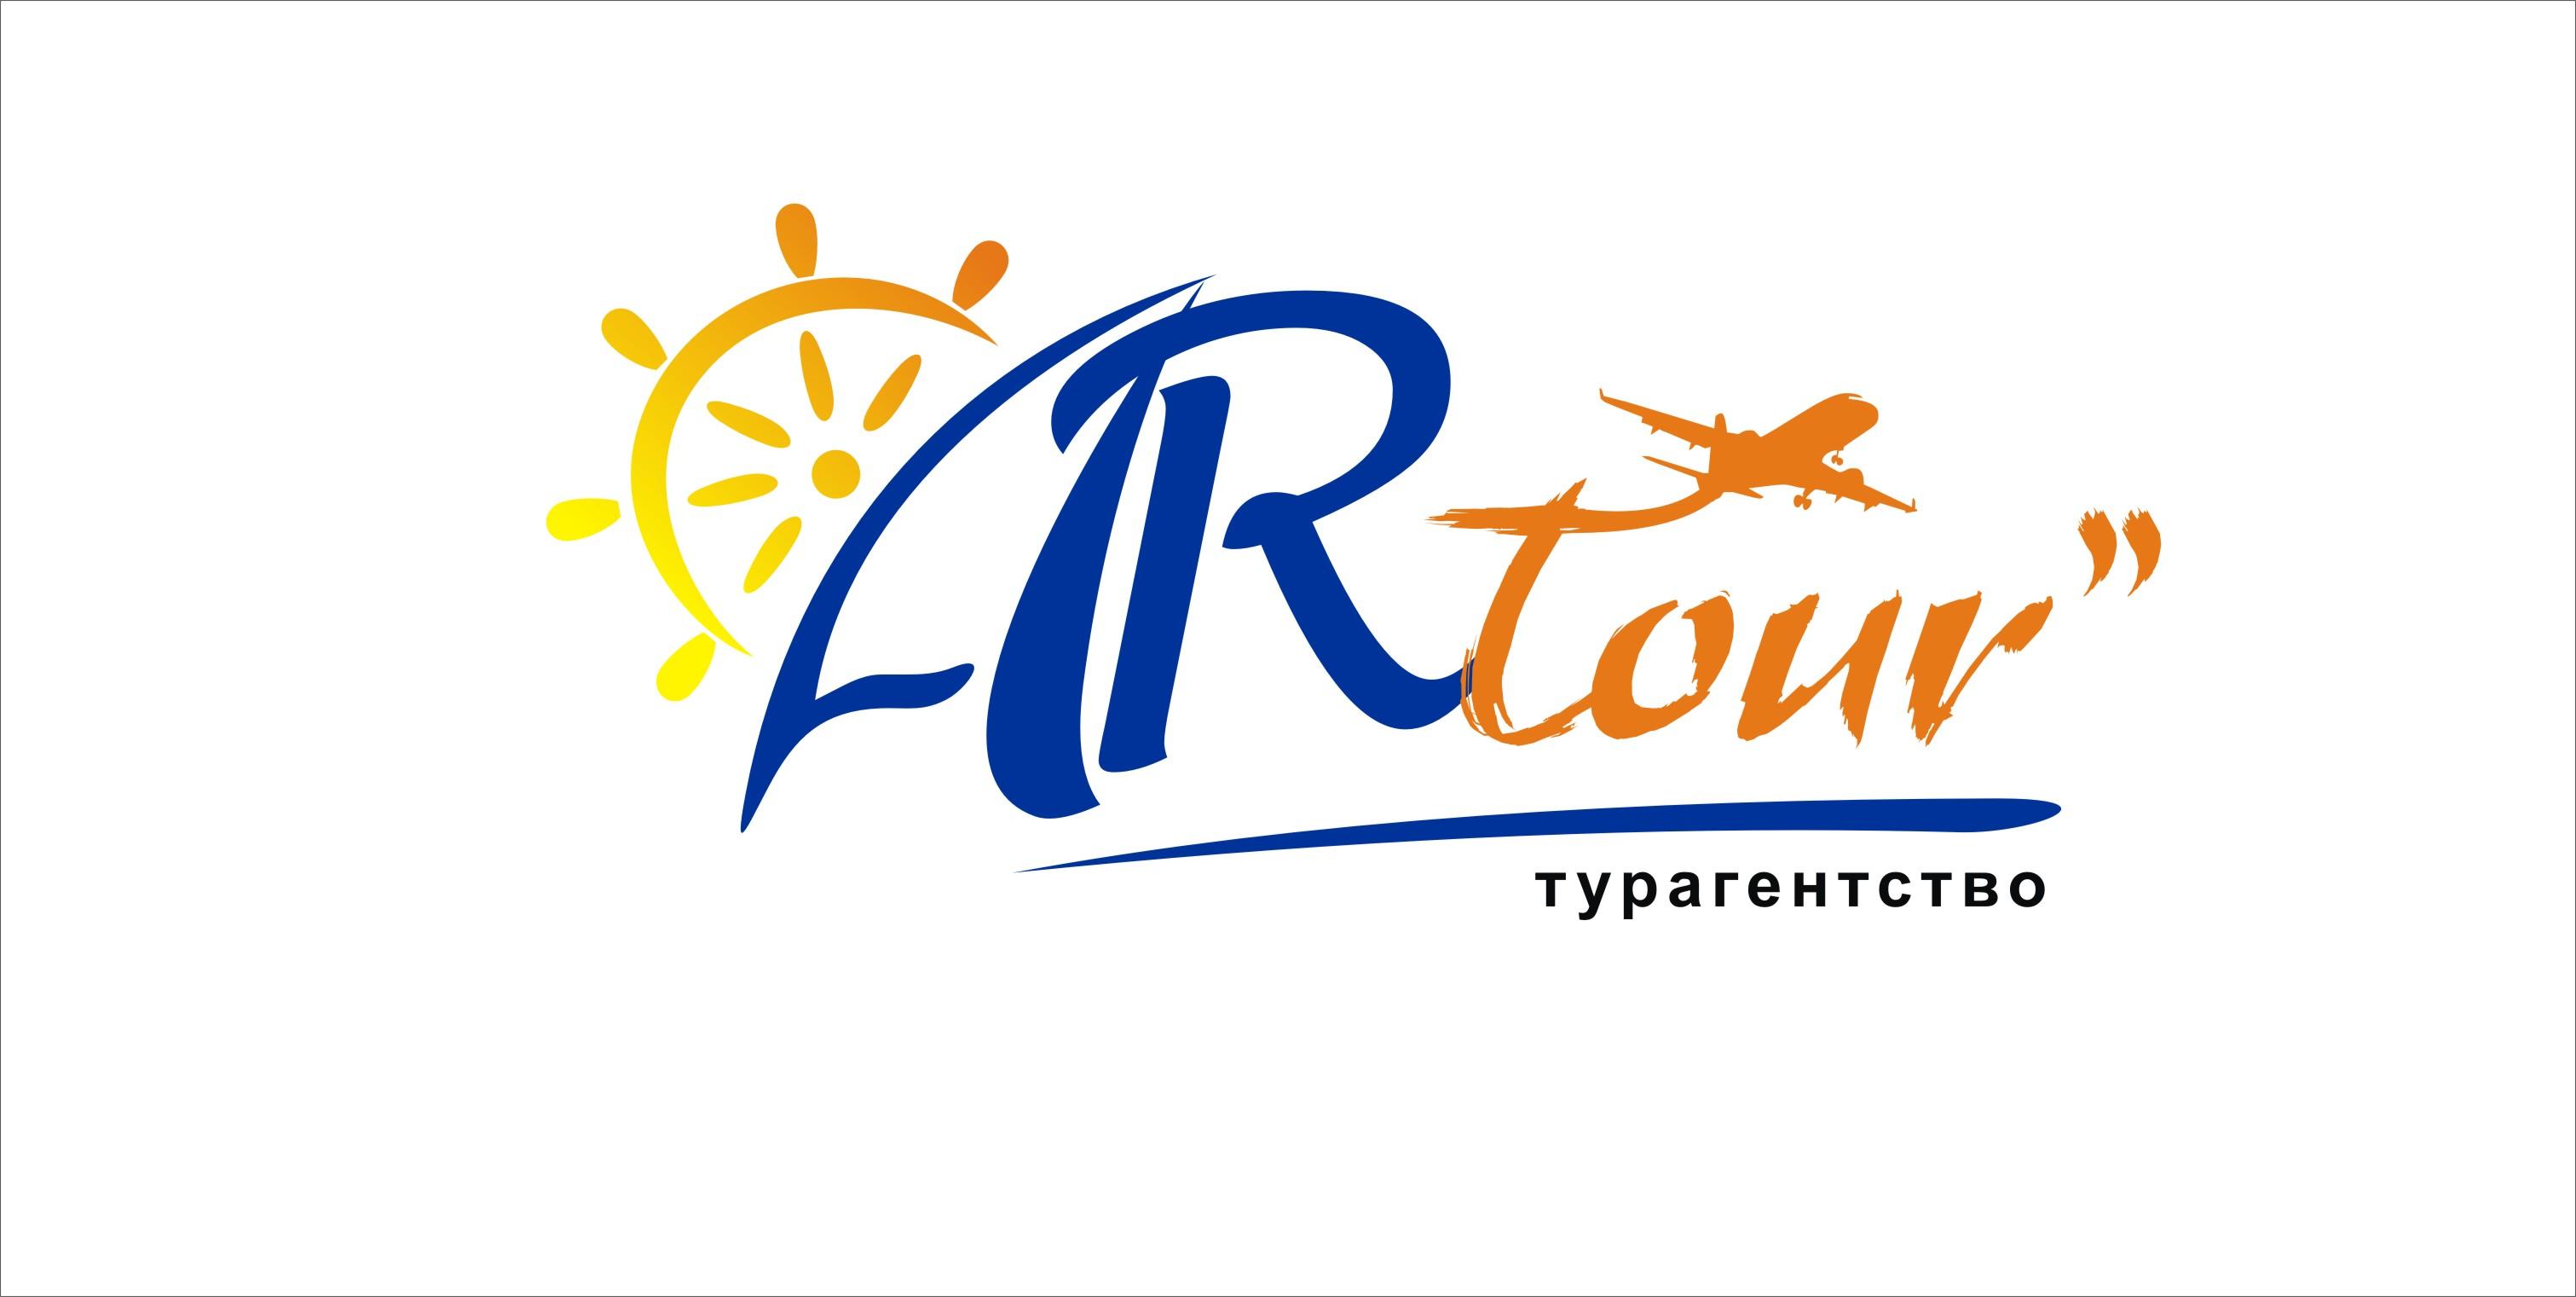 эмблемы туристических фирм картинки саванны сиамская кошка